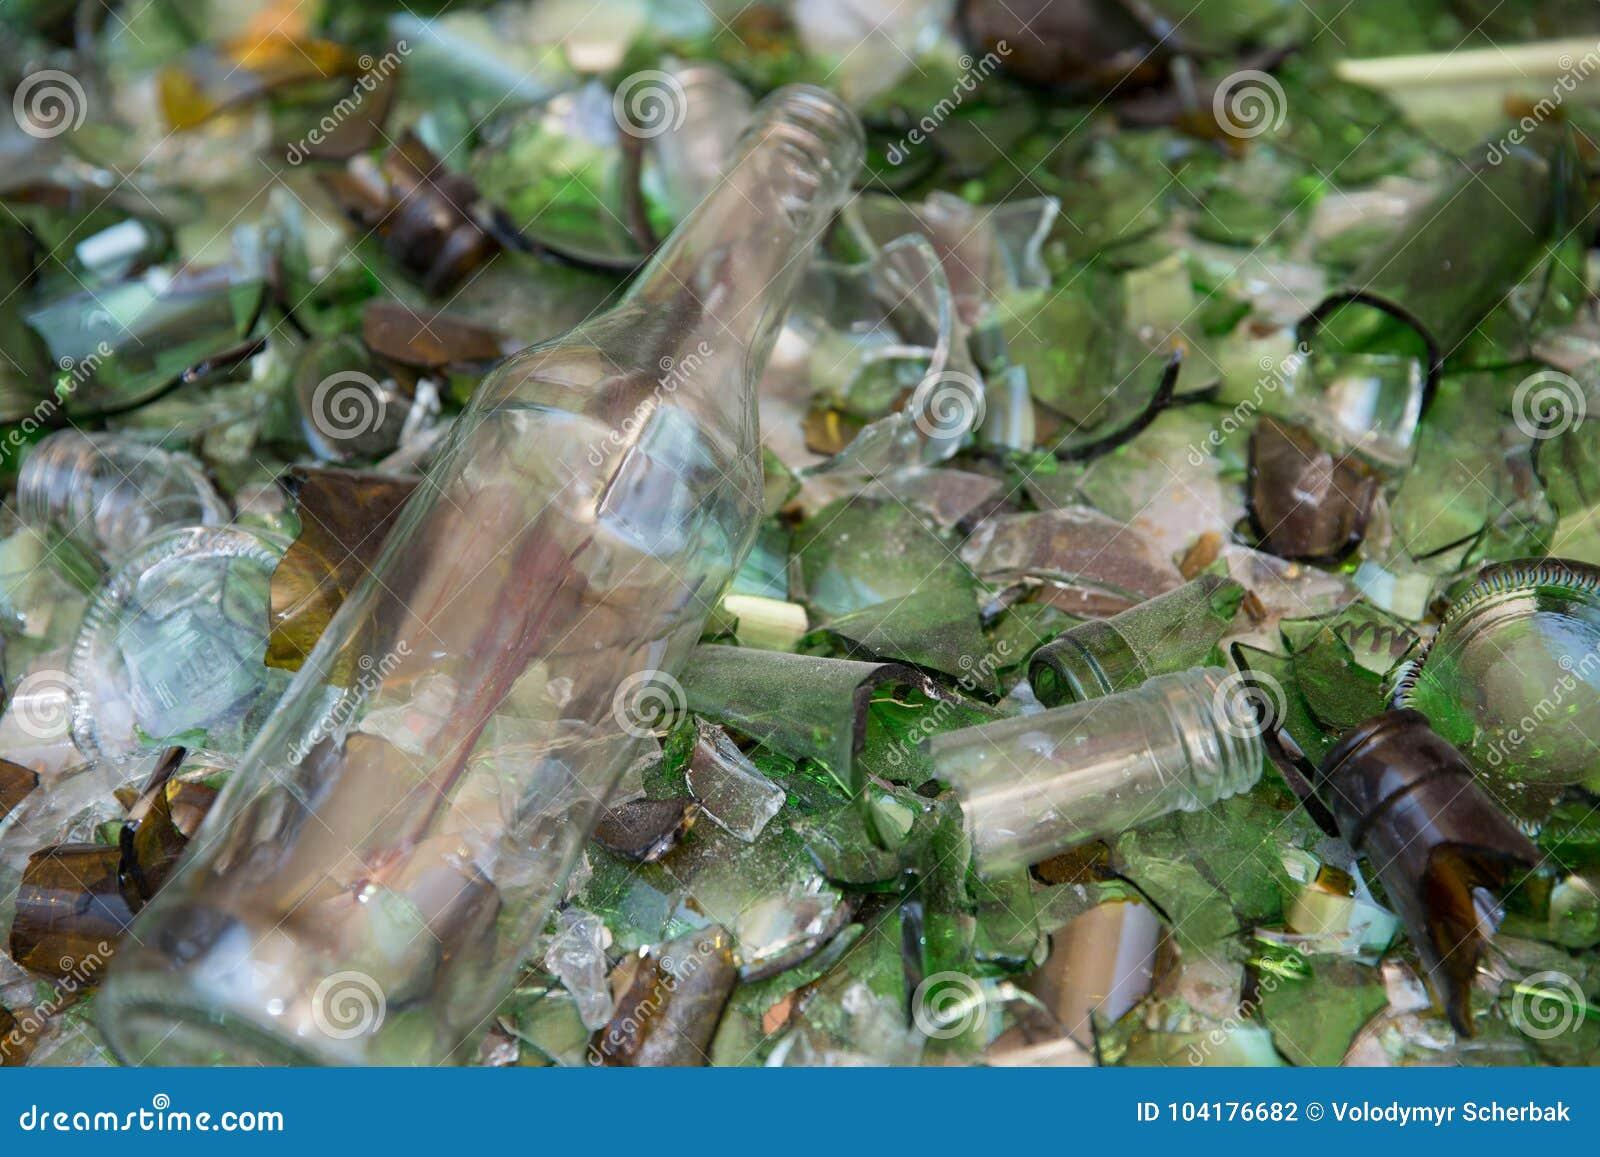 Μπουκάλι κρασιού που βρίσκεται σε ένα κρεβάτι του διαφυγής του σπασμένου γυαλιού το θραυστήρα σε μια δυνατότητα ανακύκλωσης